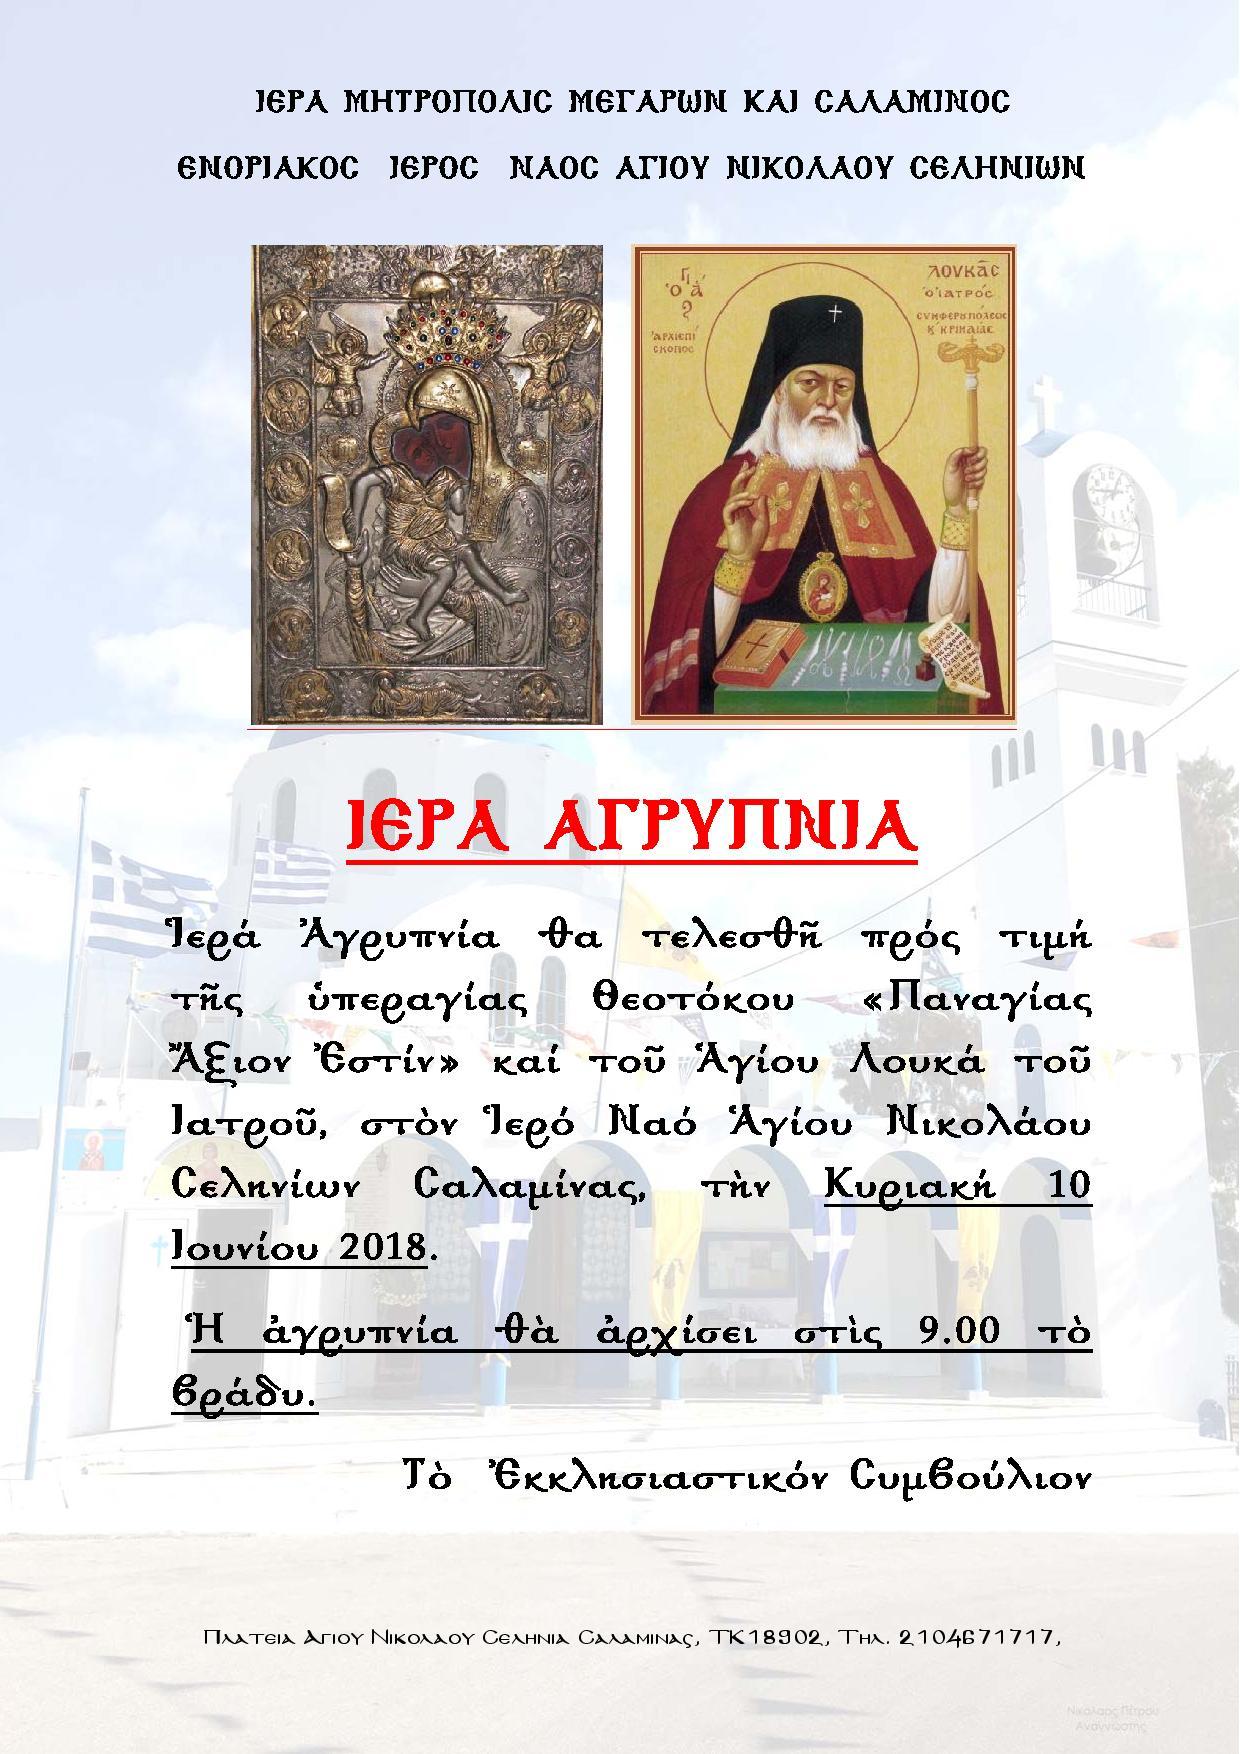 Ιερά Αγρυπνία στον Ιερό Ναό Αγίου Νικολάου Σεληνίων